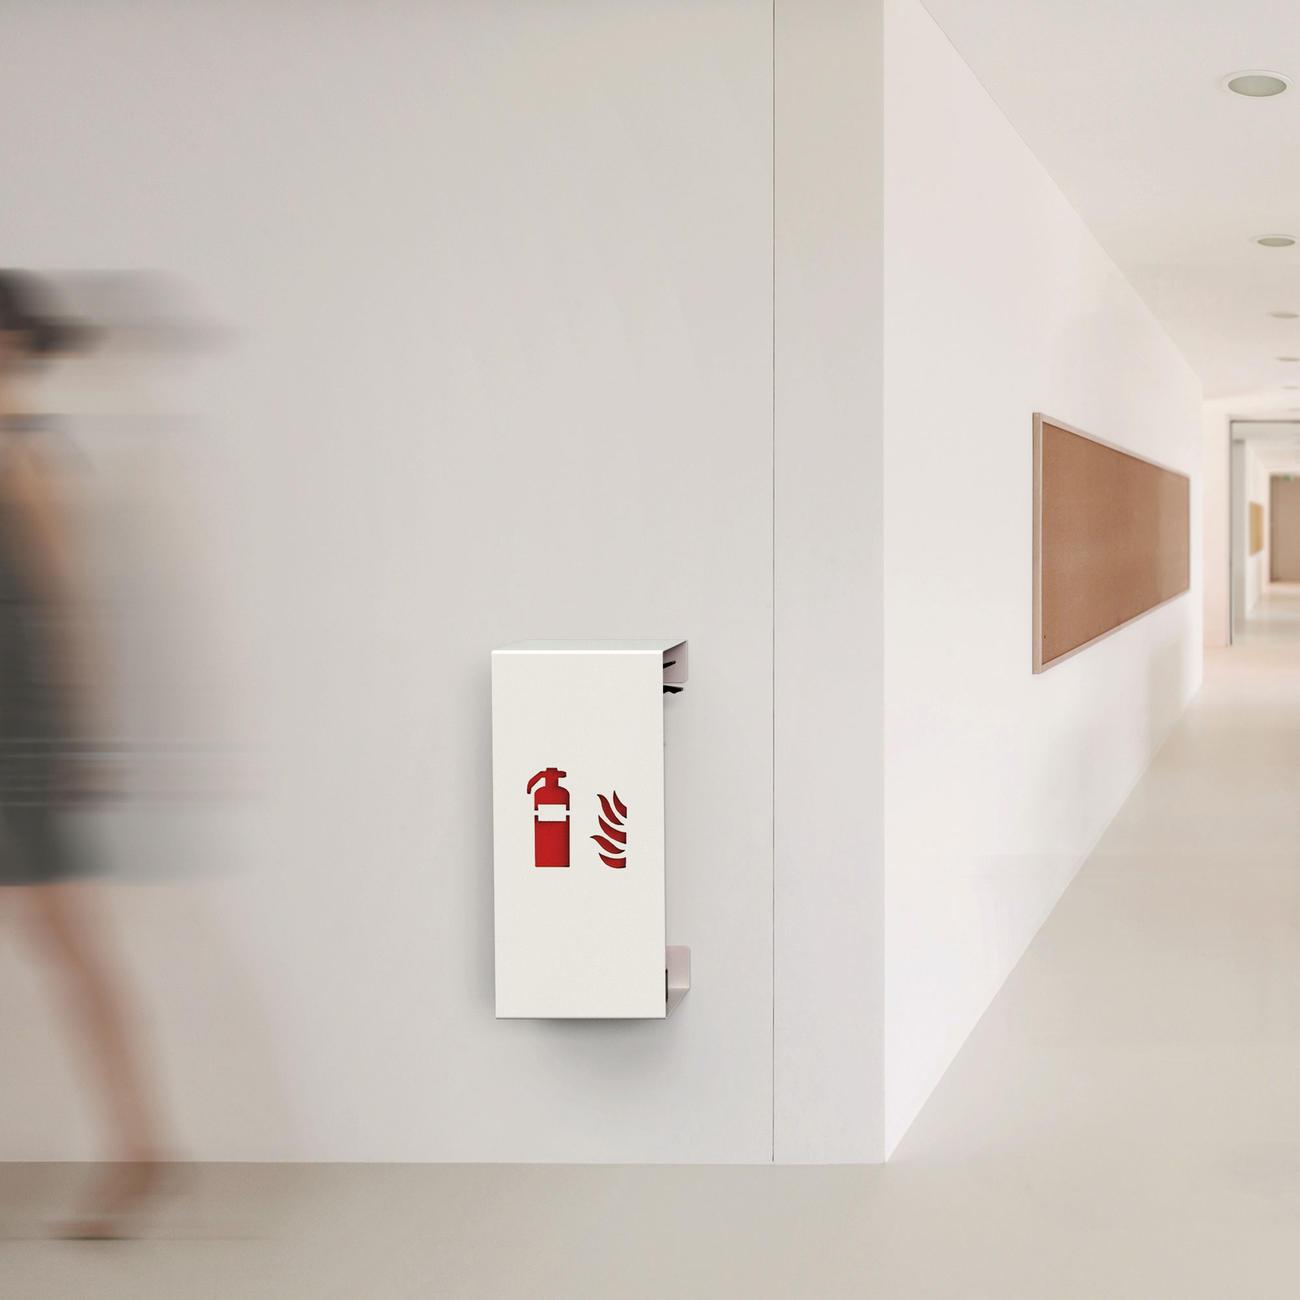 design feuer l scherhalter 3 jahre garantie pro idee. Black Bedroom Furniture Sets. Home Design Ideas